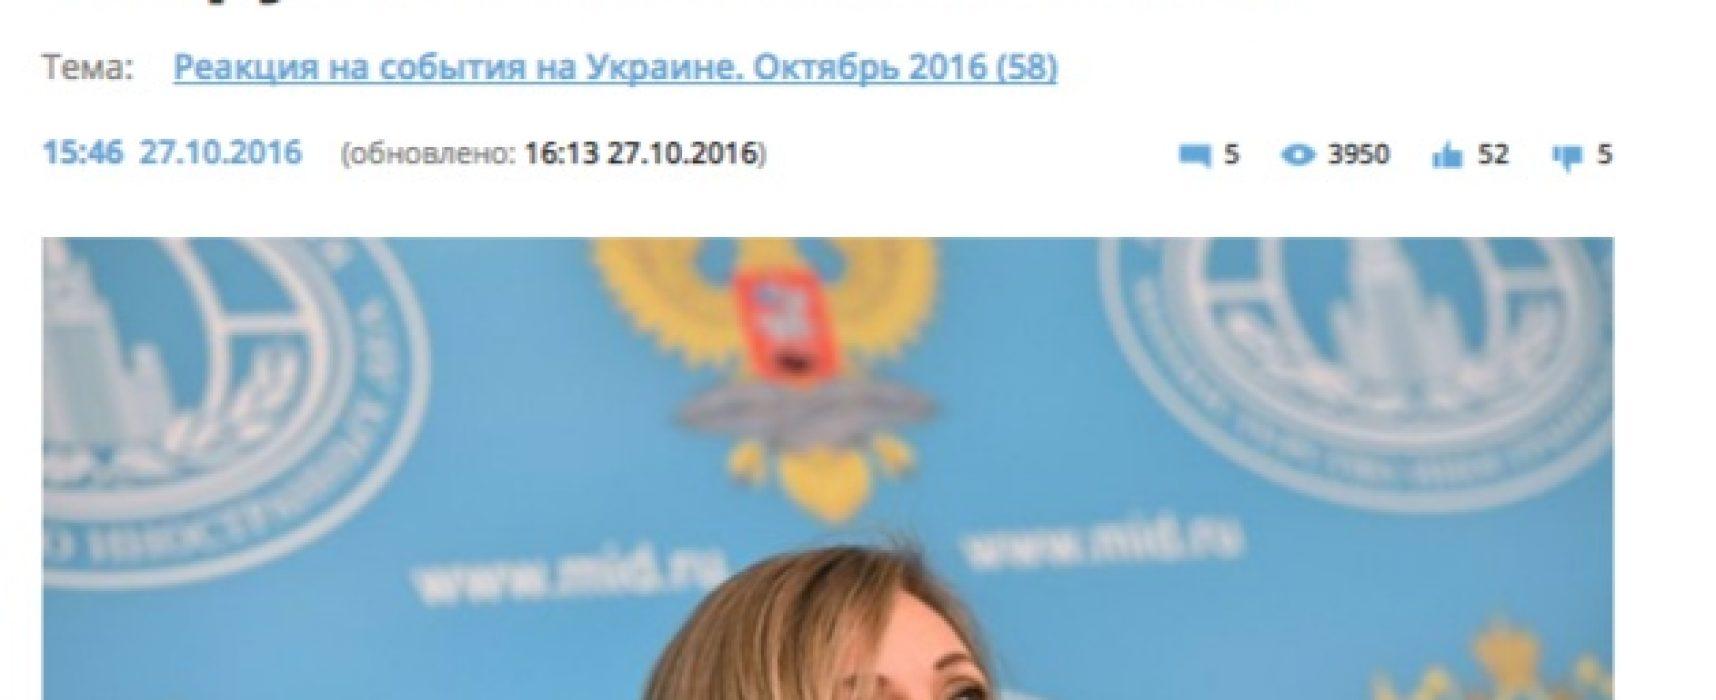 """Договоренности """"Нормандской встречи"""" о полицейской миссии ОБСЕ: трудности понимания"""